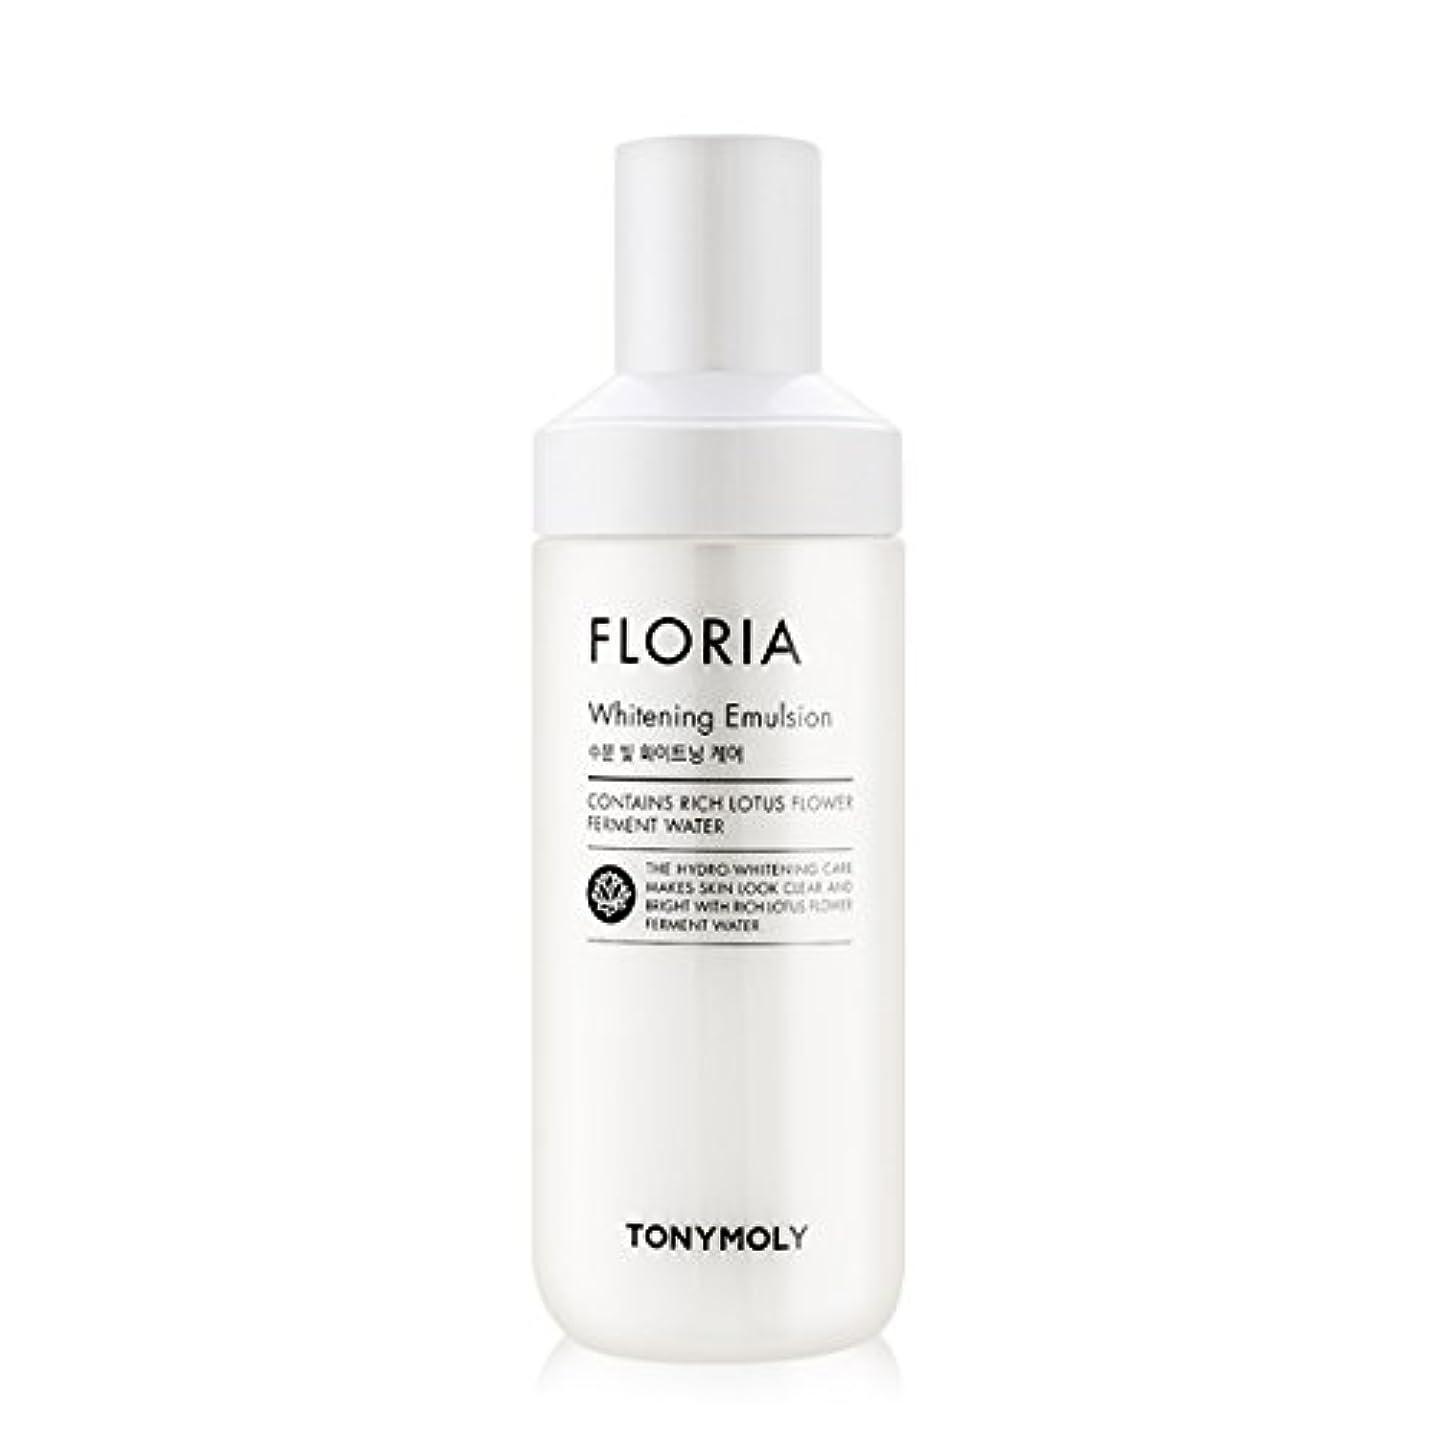 十年滑り台座標[2016 New] TONYMOLY Floria Whitening Emulsion 160ml/トニーモリー フロリア ホワイトニング エマルジョン 160ml [並行輸入品]